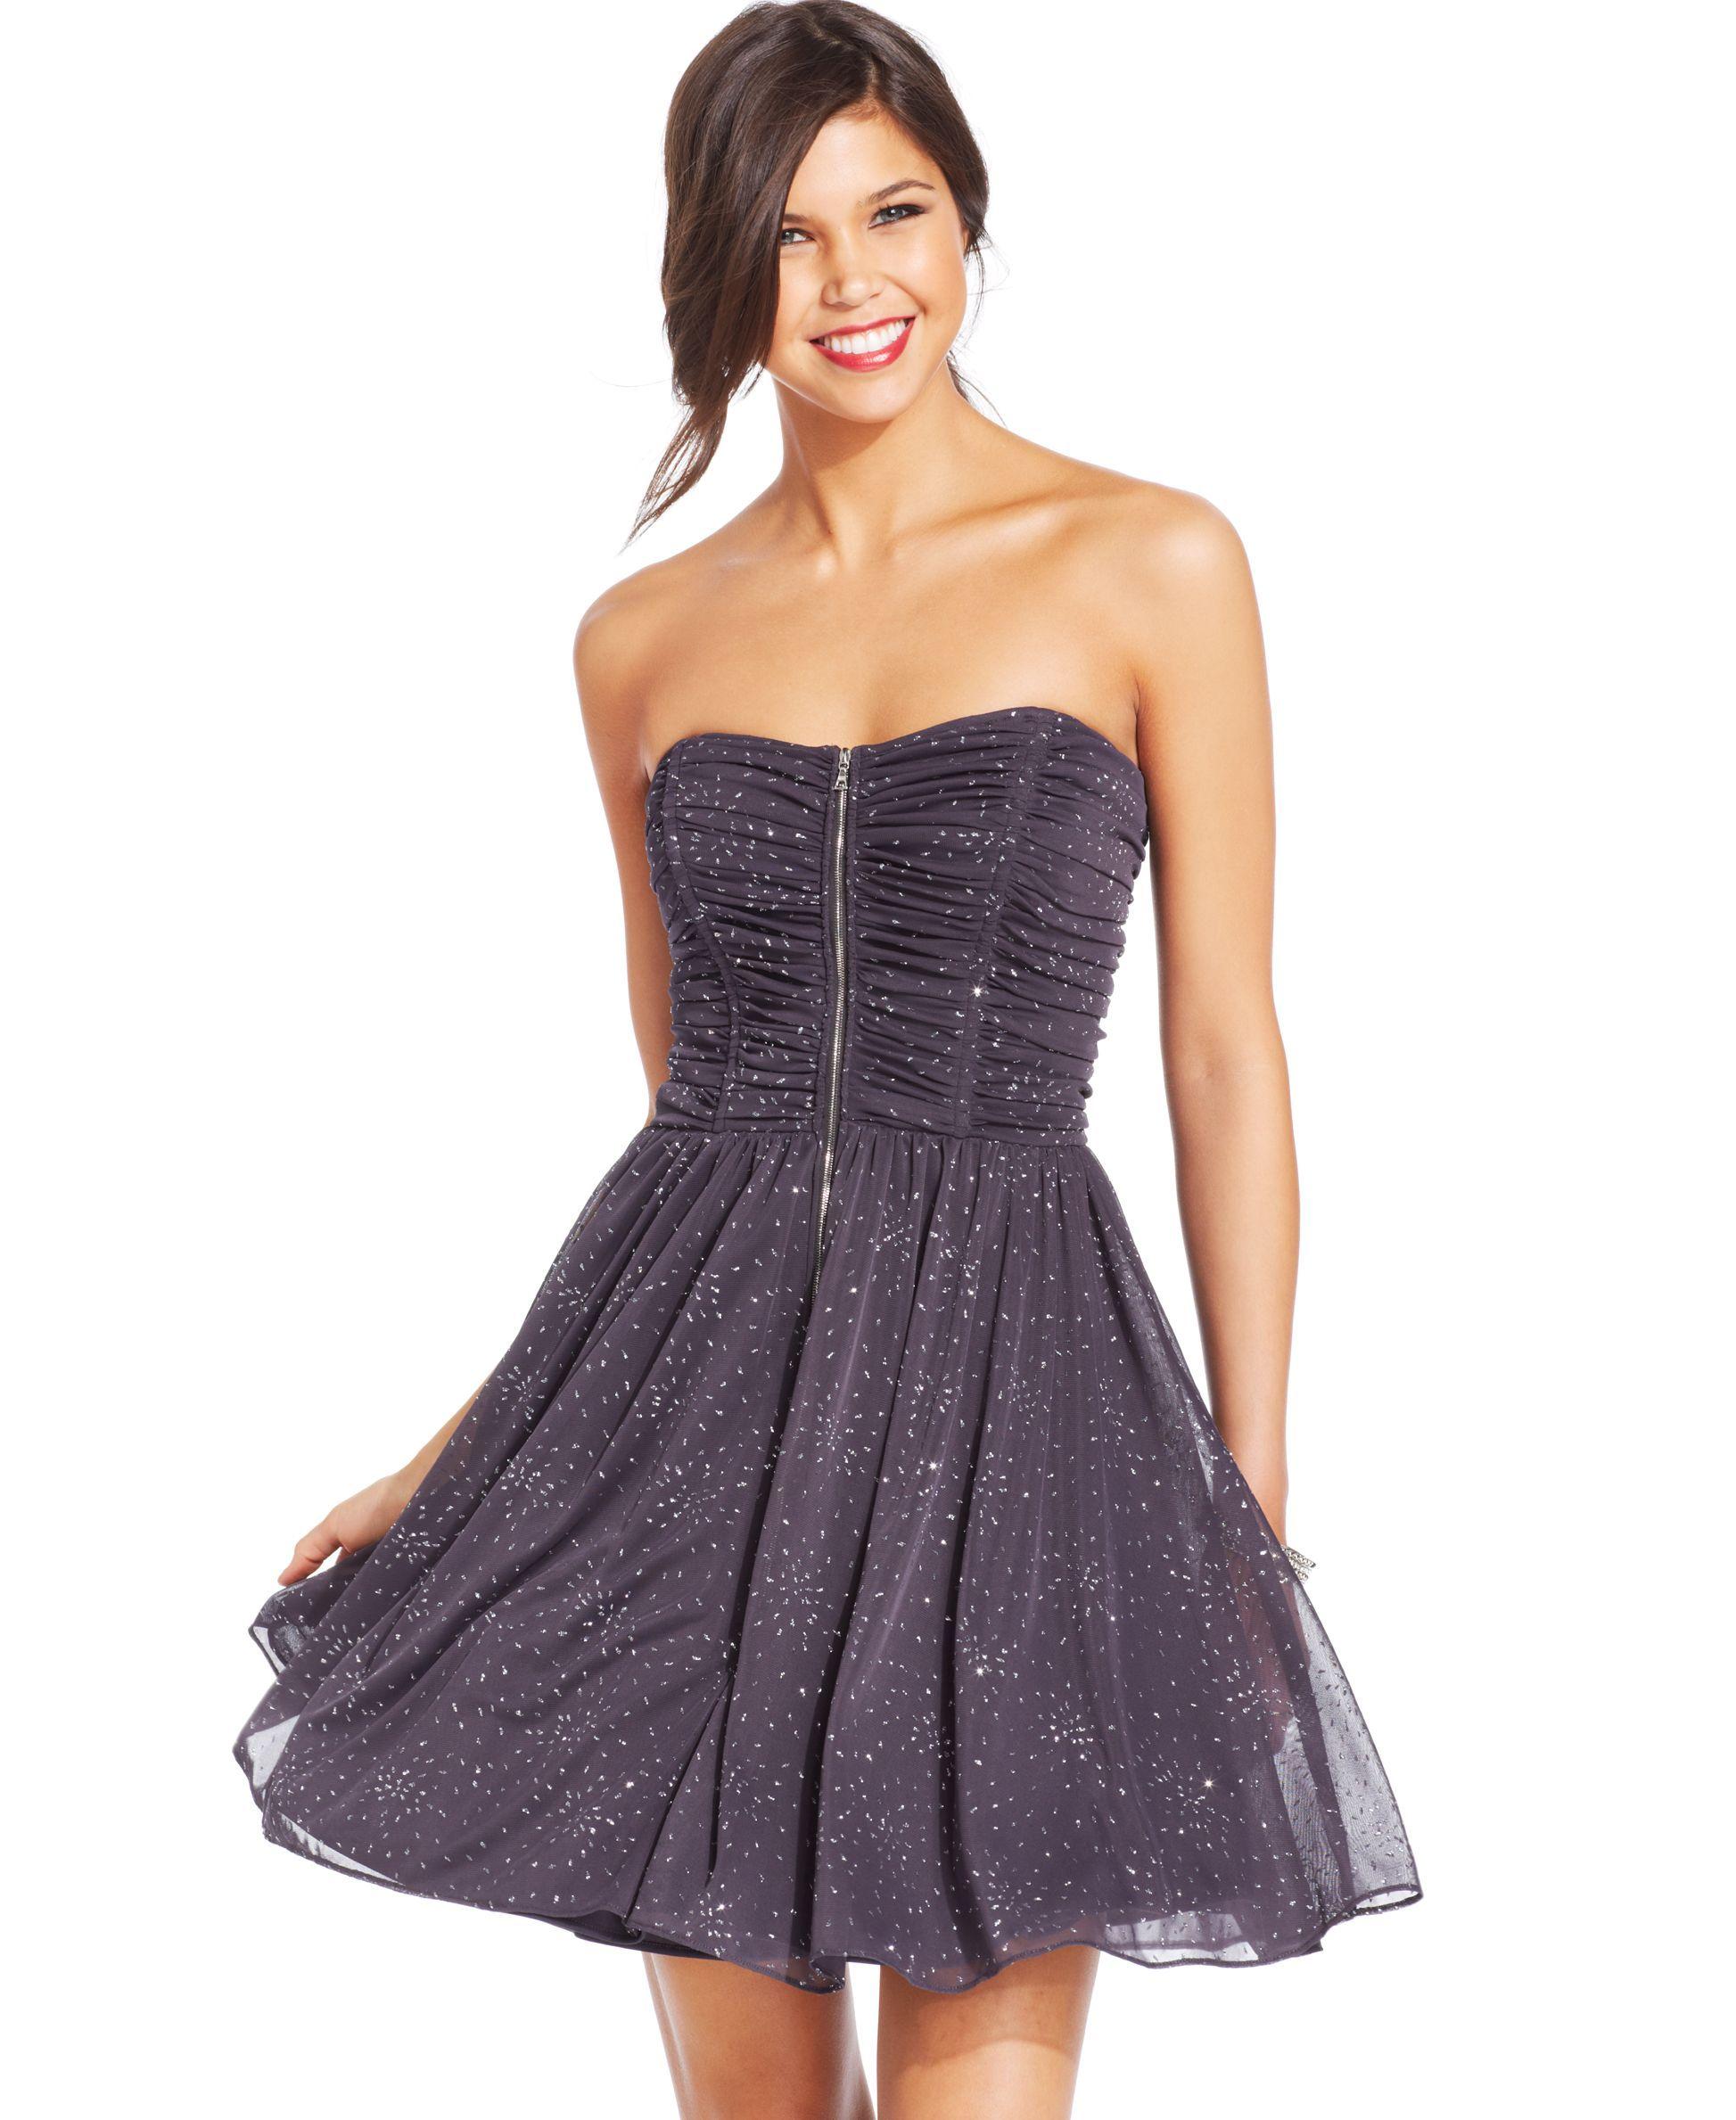 Blondie nites juniorsu glittered strapless dress products